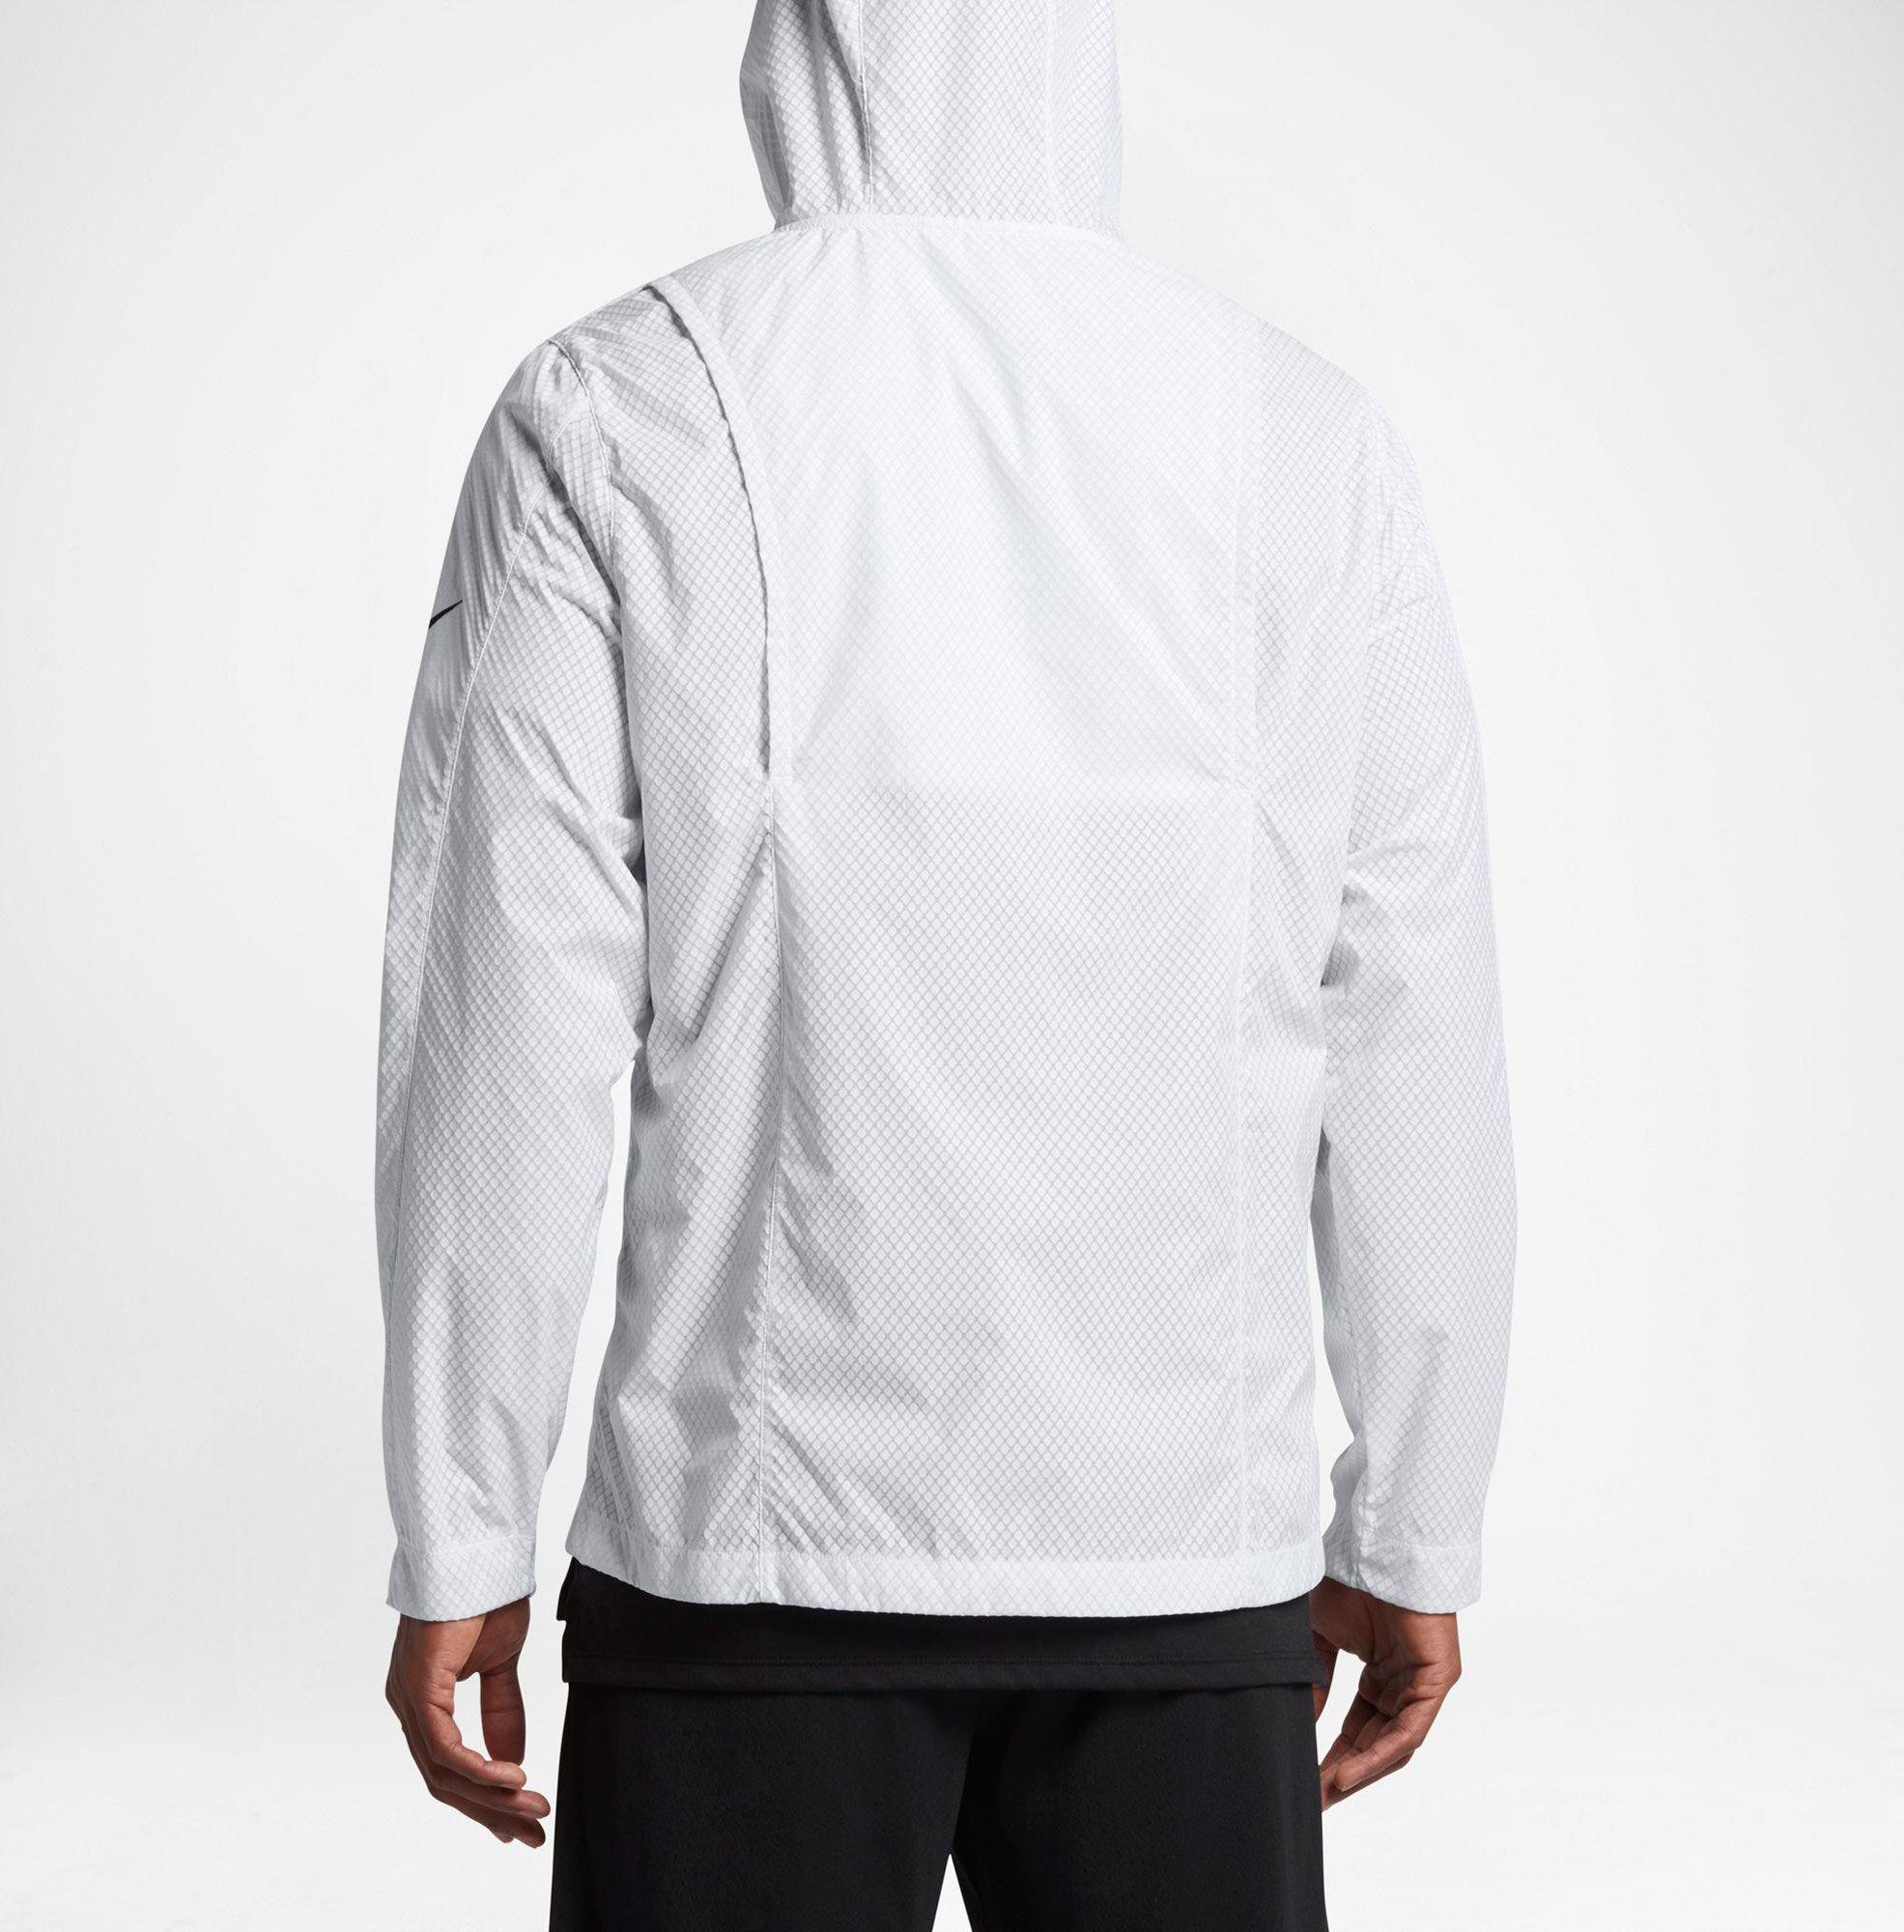 80289eb8061d Lyst - Nike Hyper Elite All Day Full Zip Basketball Jacket in White ...